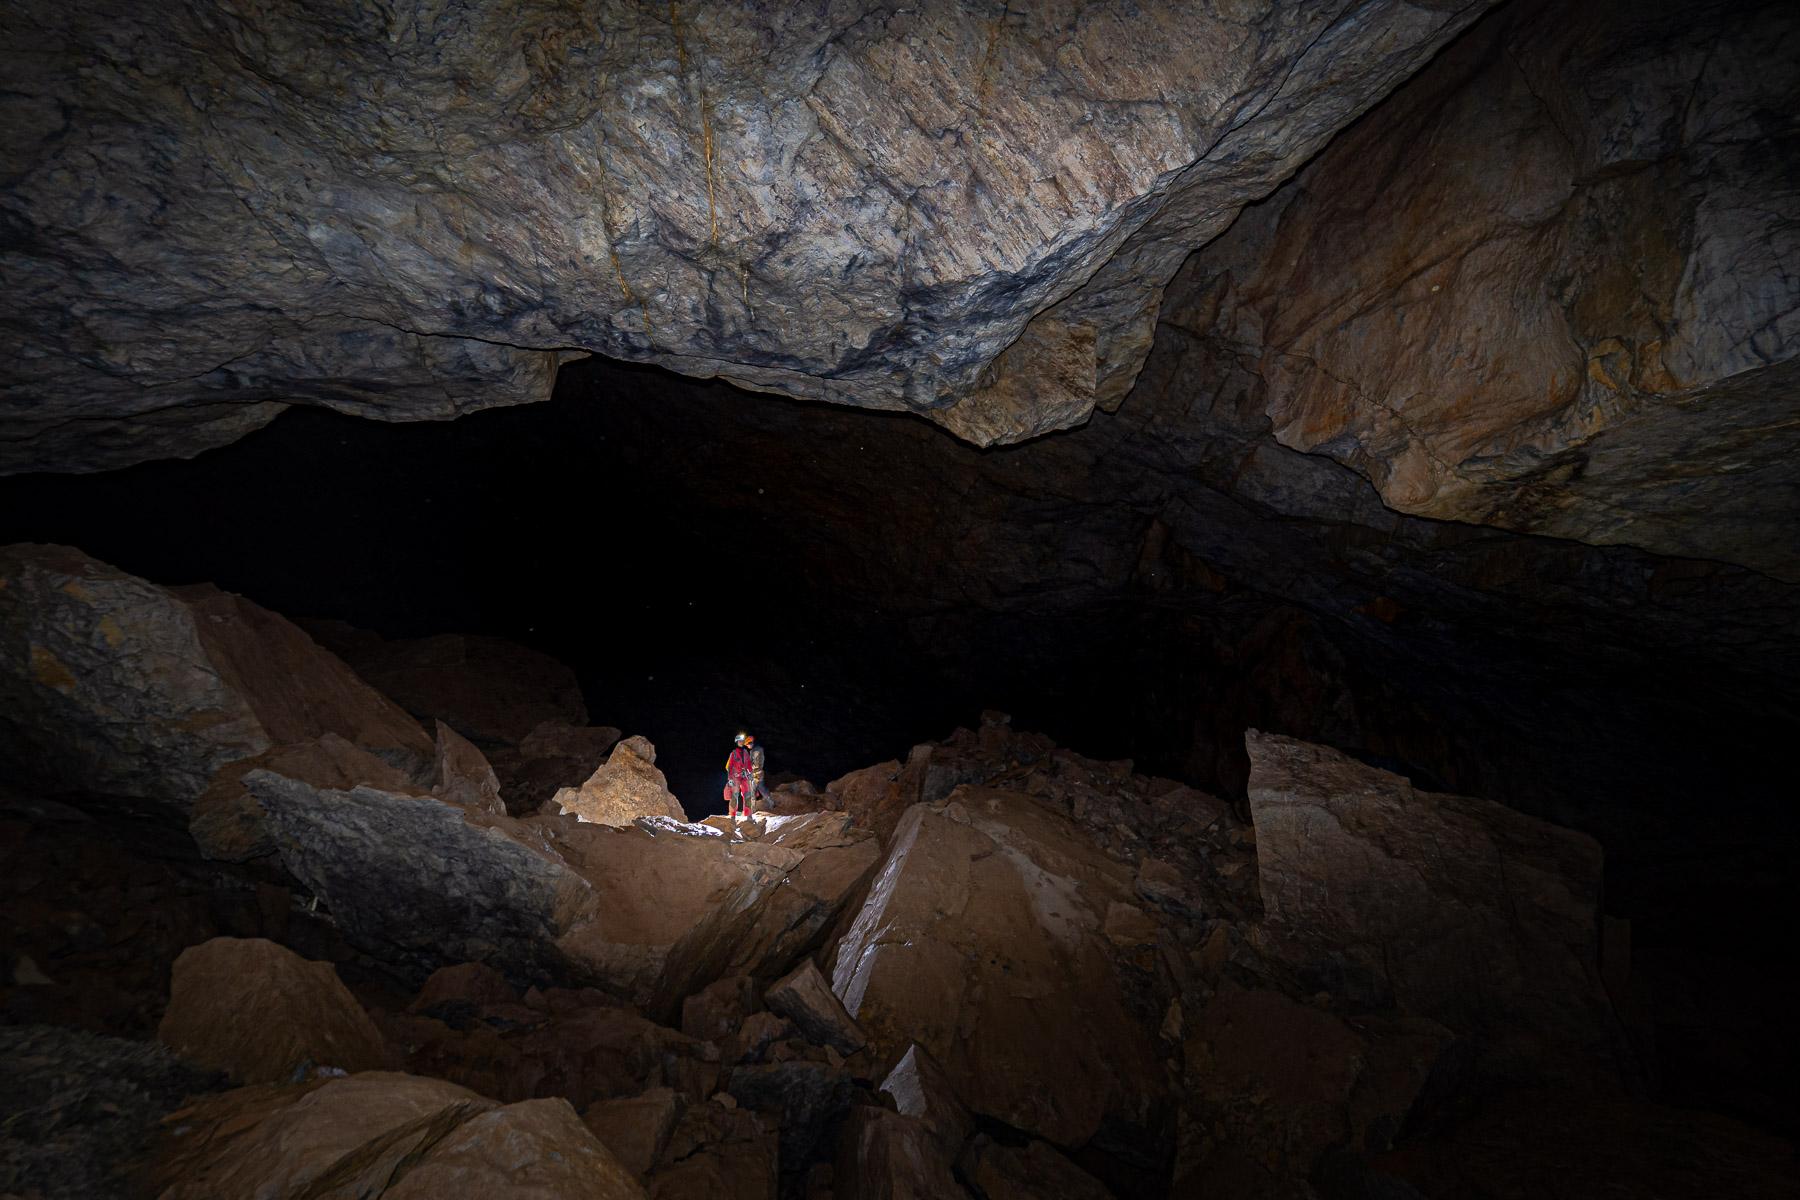 Skalne Miasto, Jaskinia Frizider (System Jaskini Złotej), Prokletije 2021,fot. Adam Łada